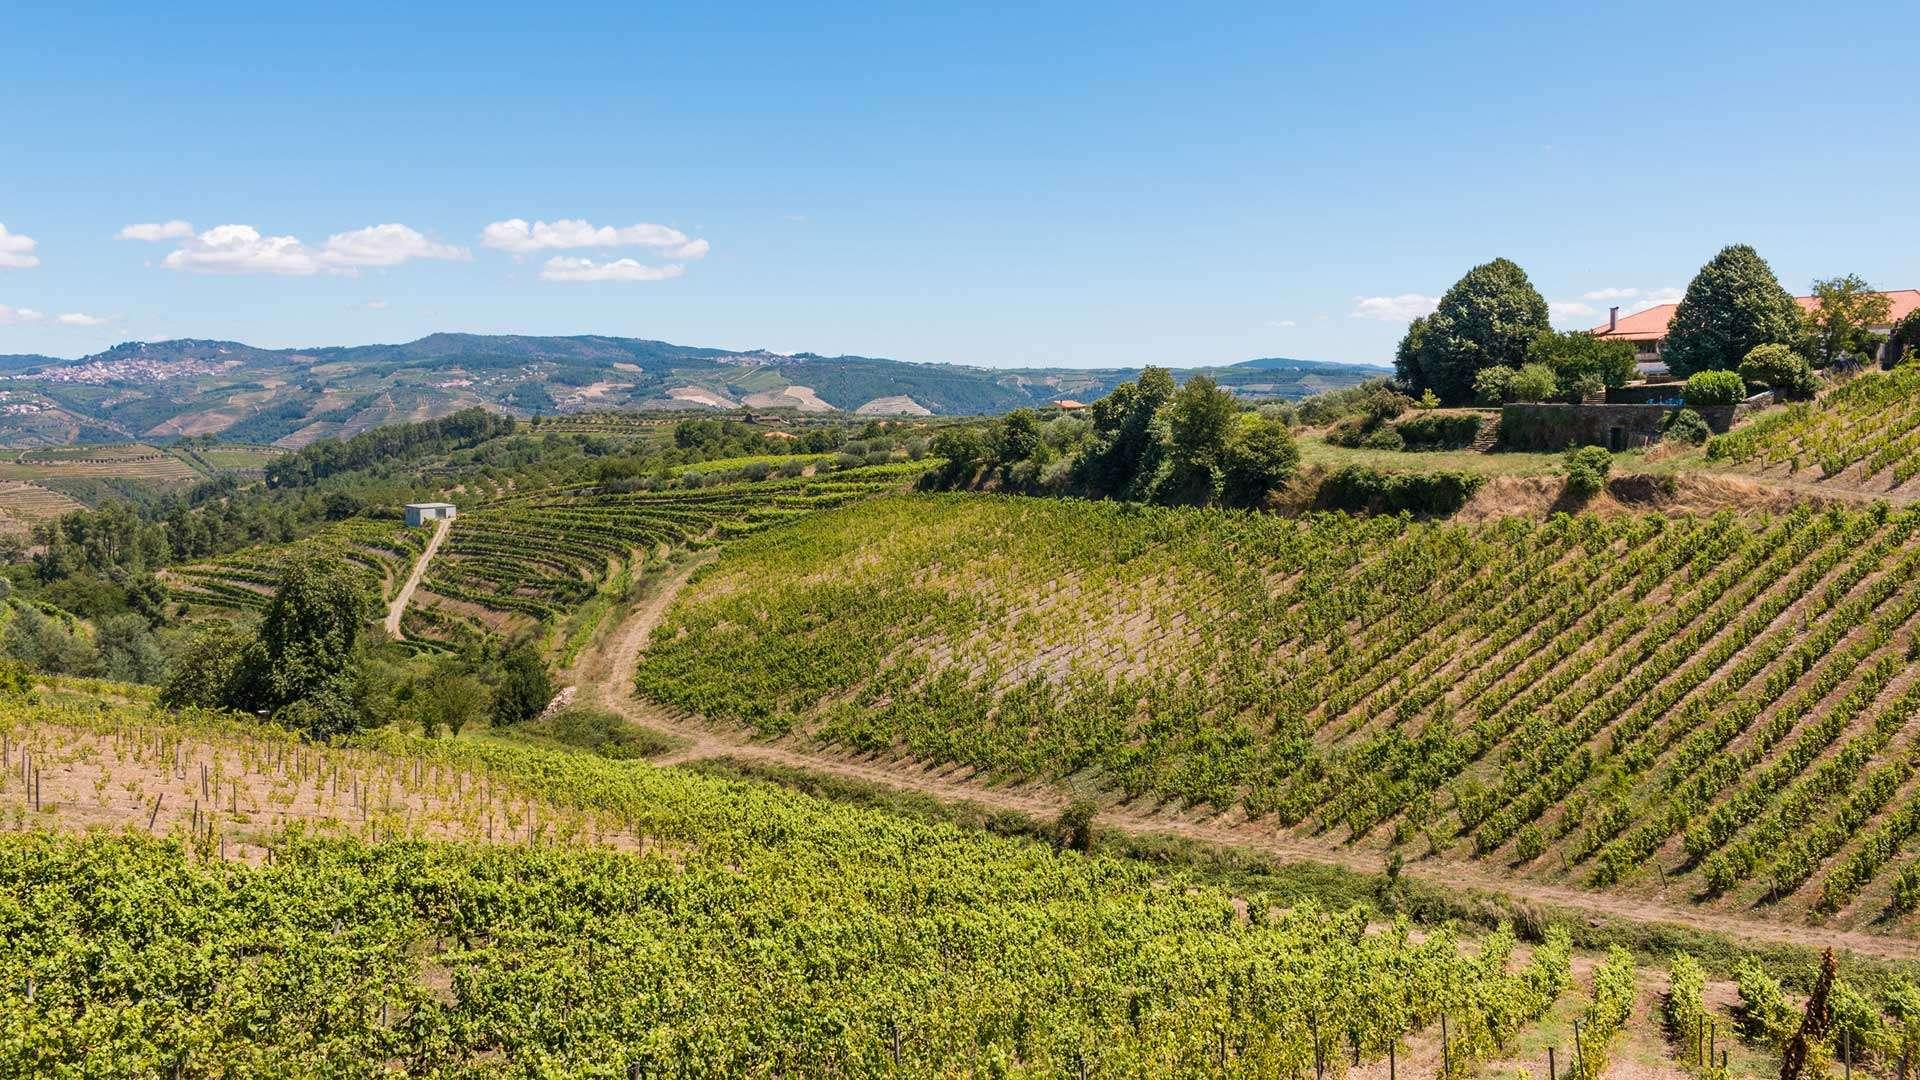 Vin et héritage architectural, découvrez les régions productrices de vins au Portugal en vous logeant dans des manoirs ayant appartenus à la grande bourgeoisie ou à l'aristocratie portugaise.